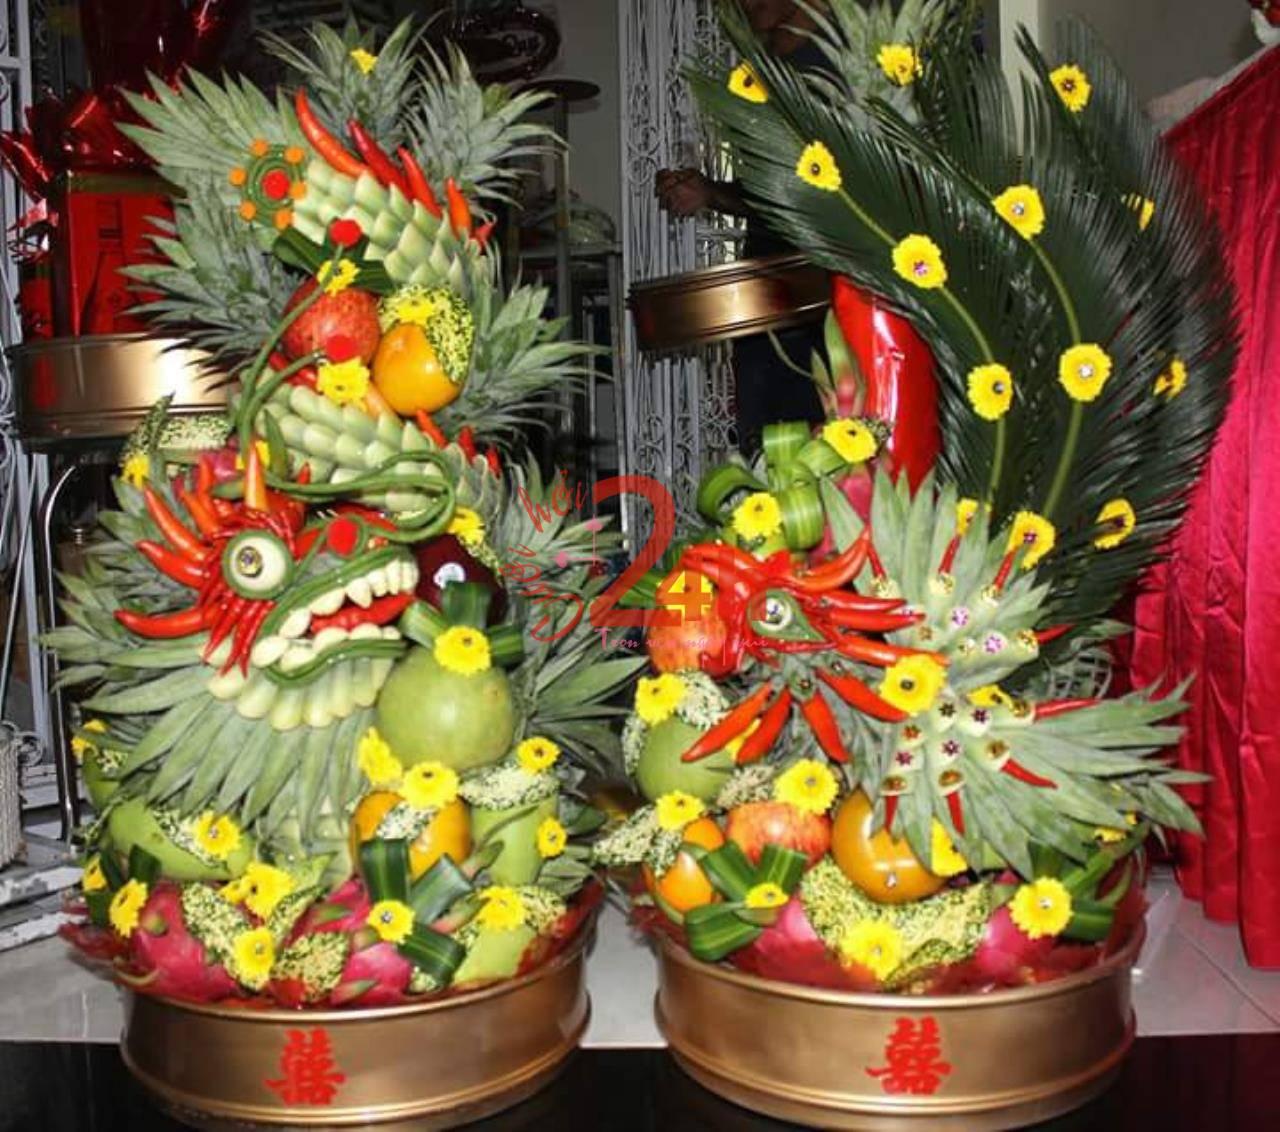 Dịch vụ cưới hỏi 24h trọn vẹn ngày vui chuyên trang trí nhà đám cưới hỏi và nhà hàng tiệc cưới | Rồng phụng trái cây ngon